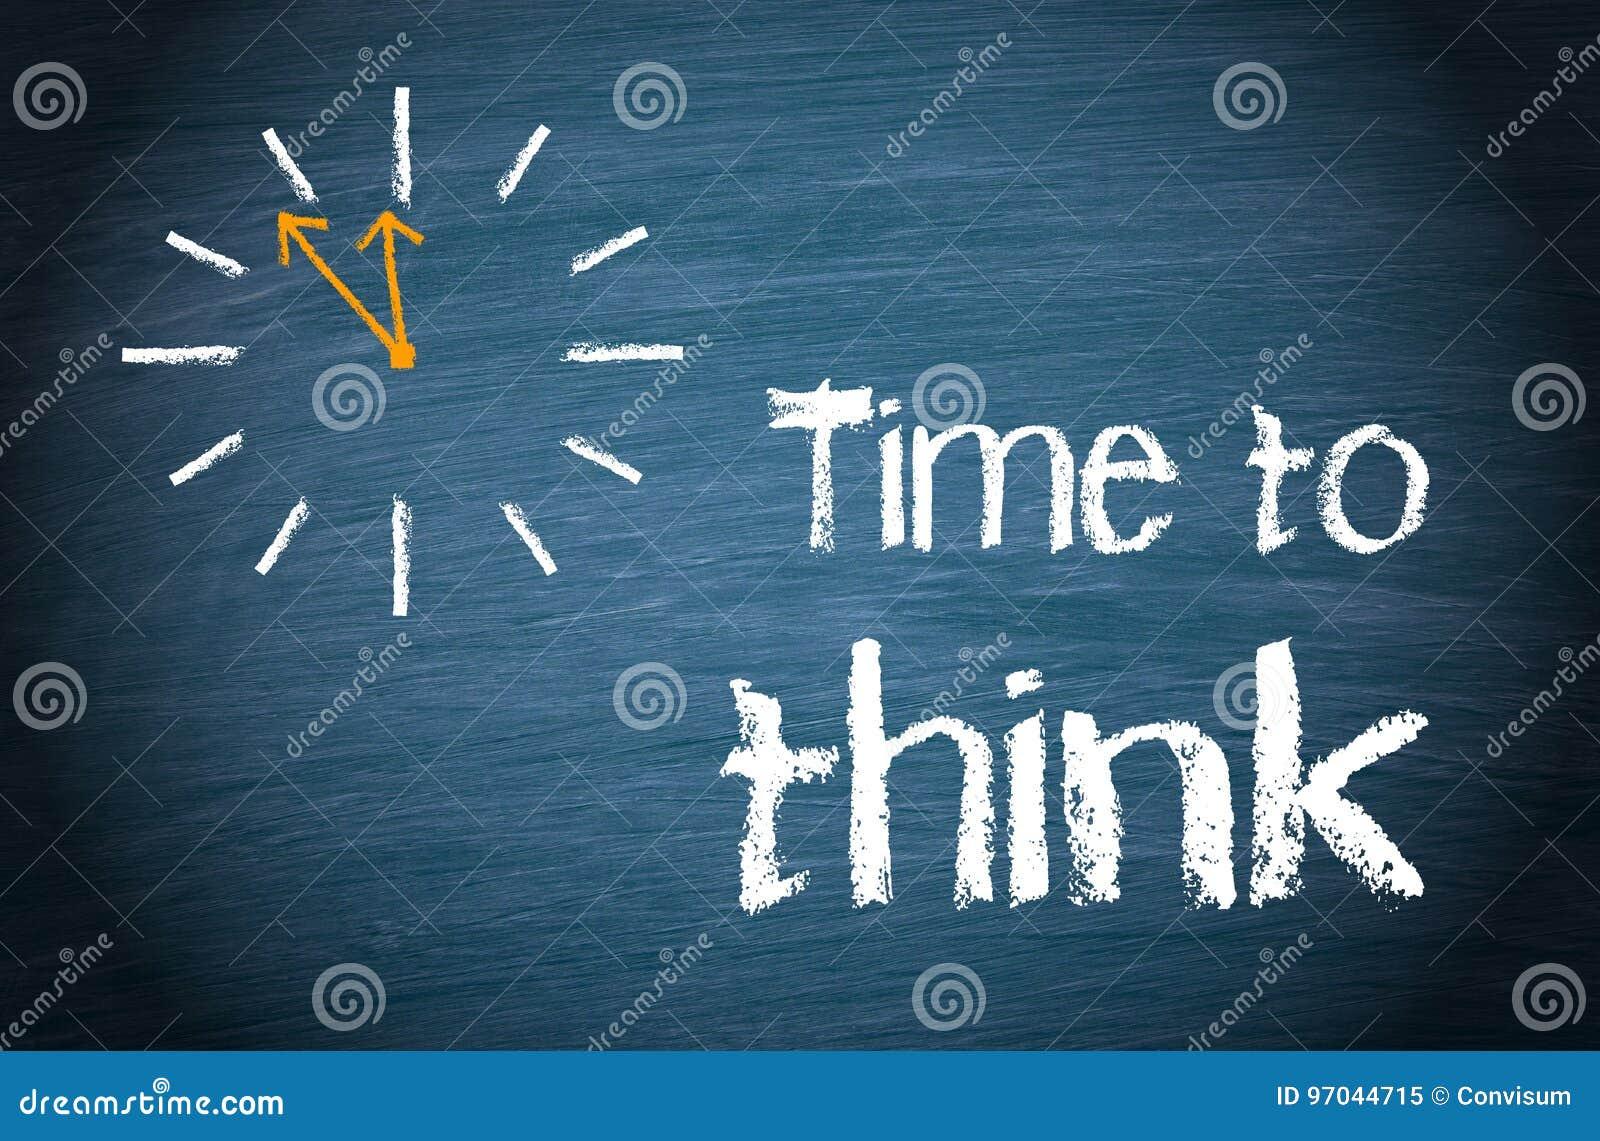 Χρόνος να σκεφτεί - επιχειρησιακή έννοια με το ρολόι και το κείμενο